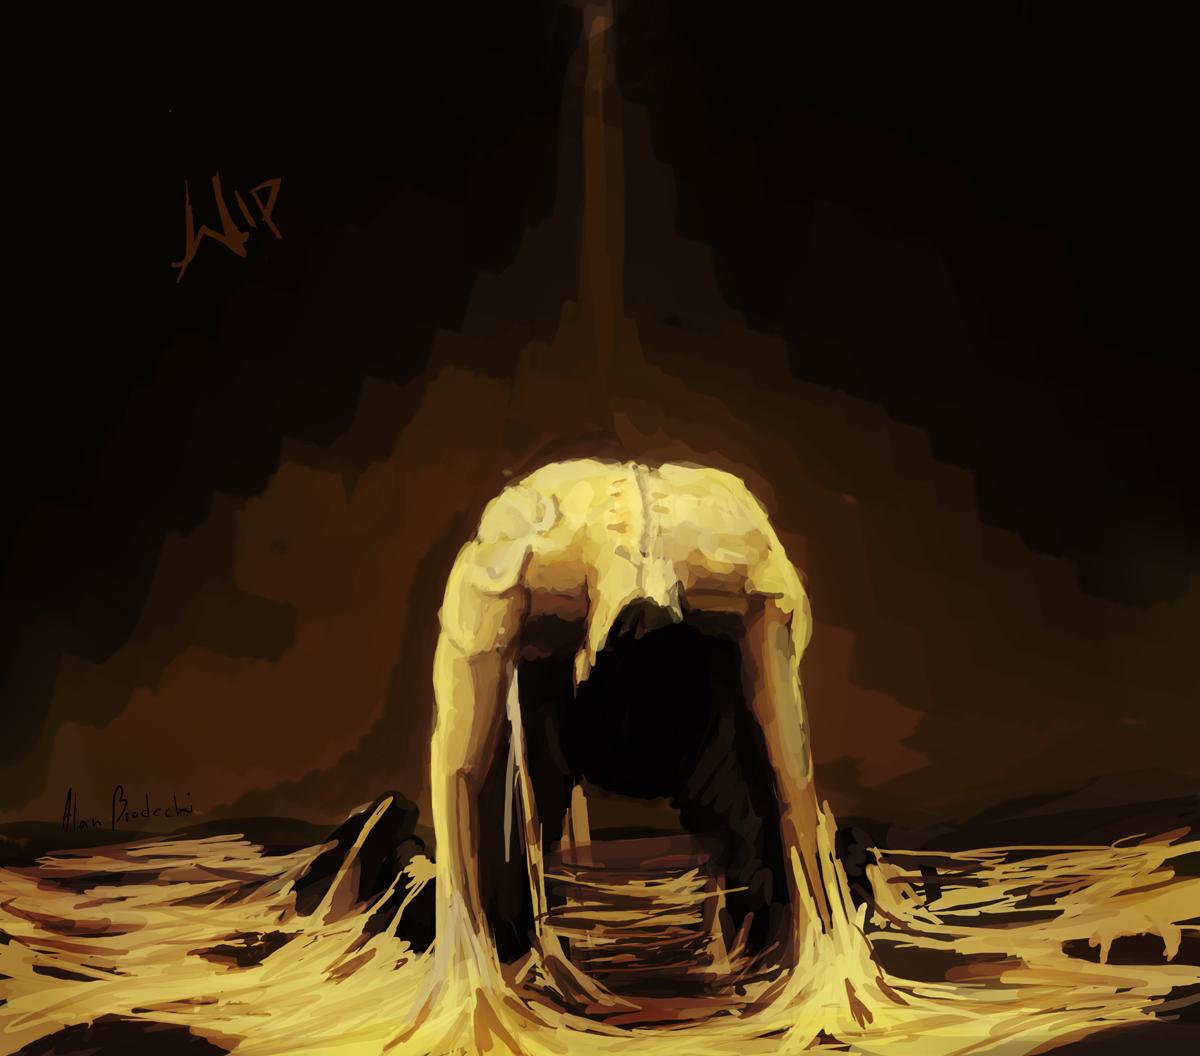 Broken - Wip by DeaDerV23